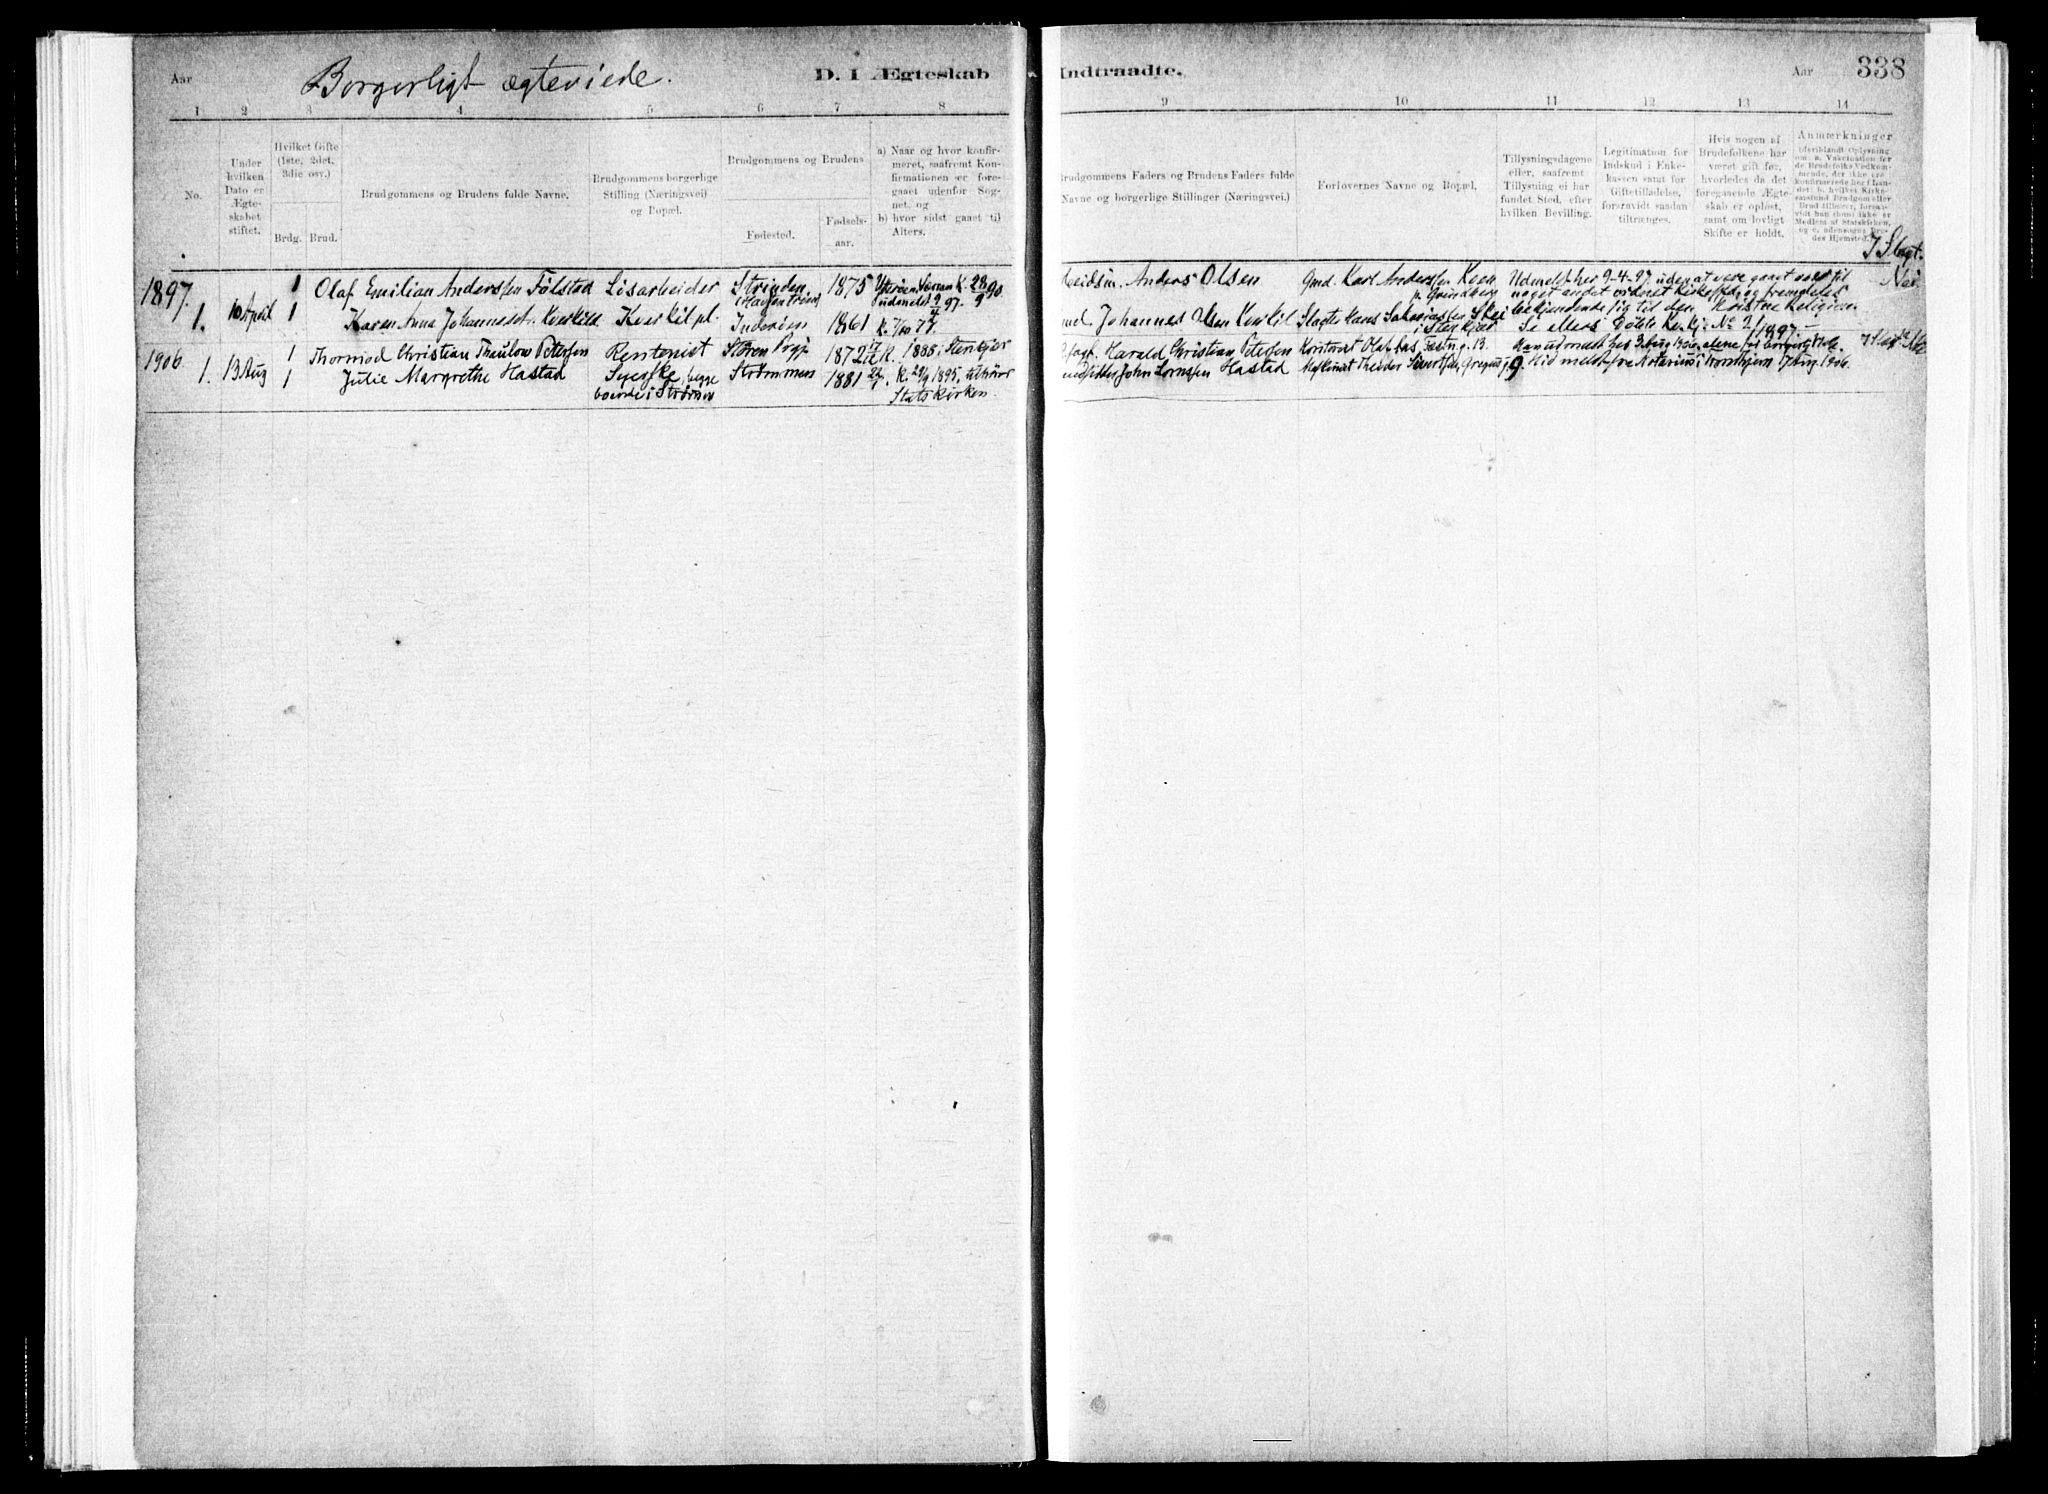 SAT, Ministerialprotokoller, klokkerbøker og fødselsregistre - Nord-Trøndelag, 730/L0285: Ministerialbok nr. 730A10, 1879-1914, s. 338